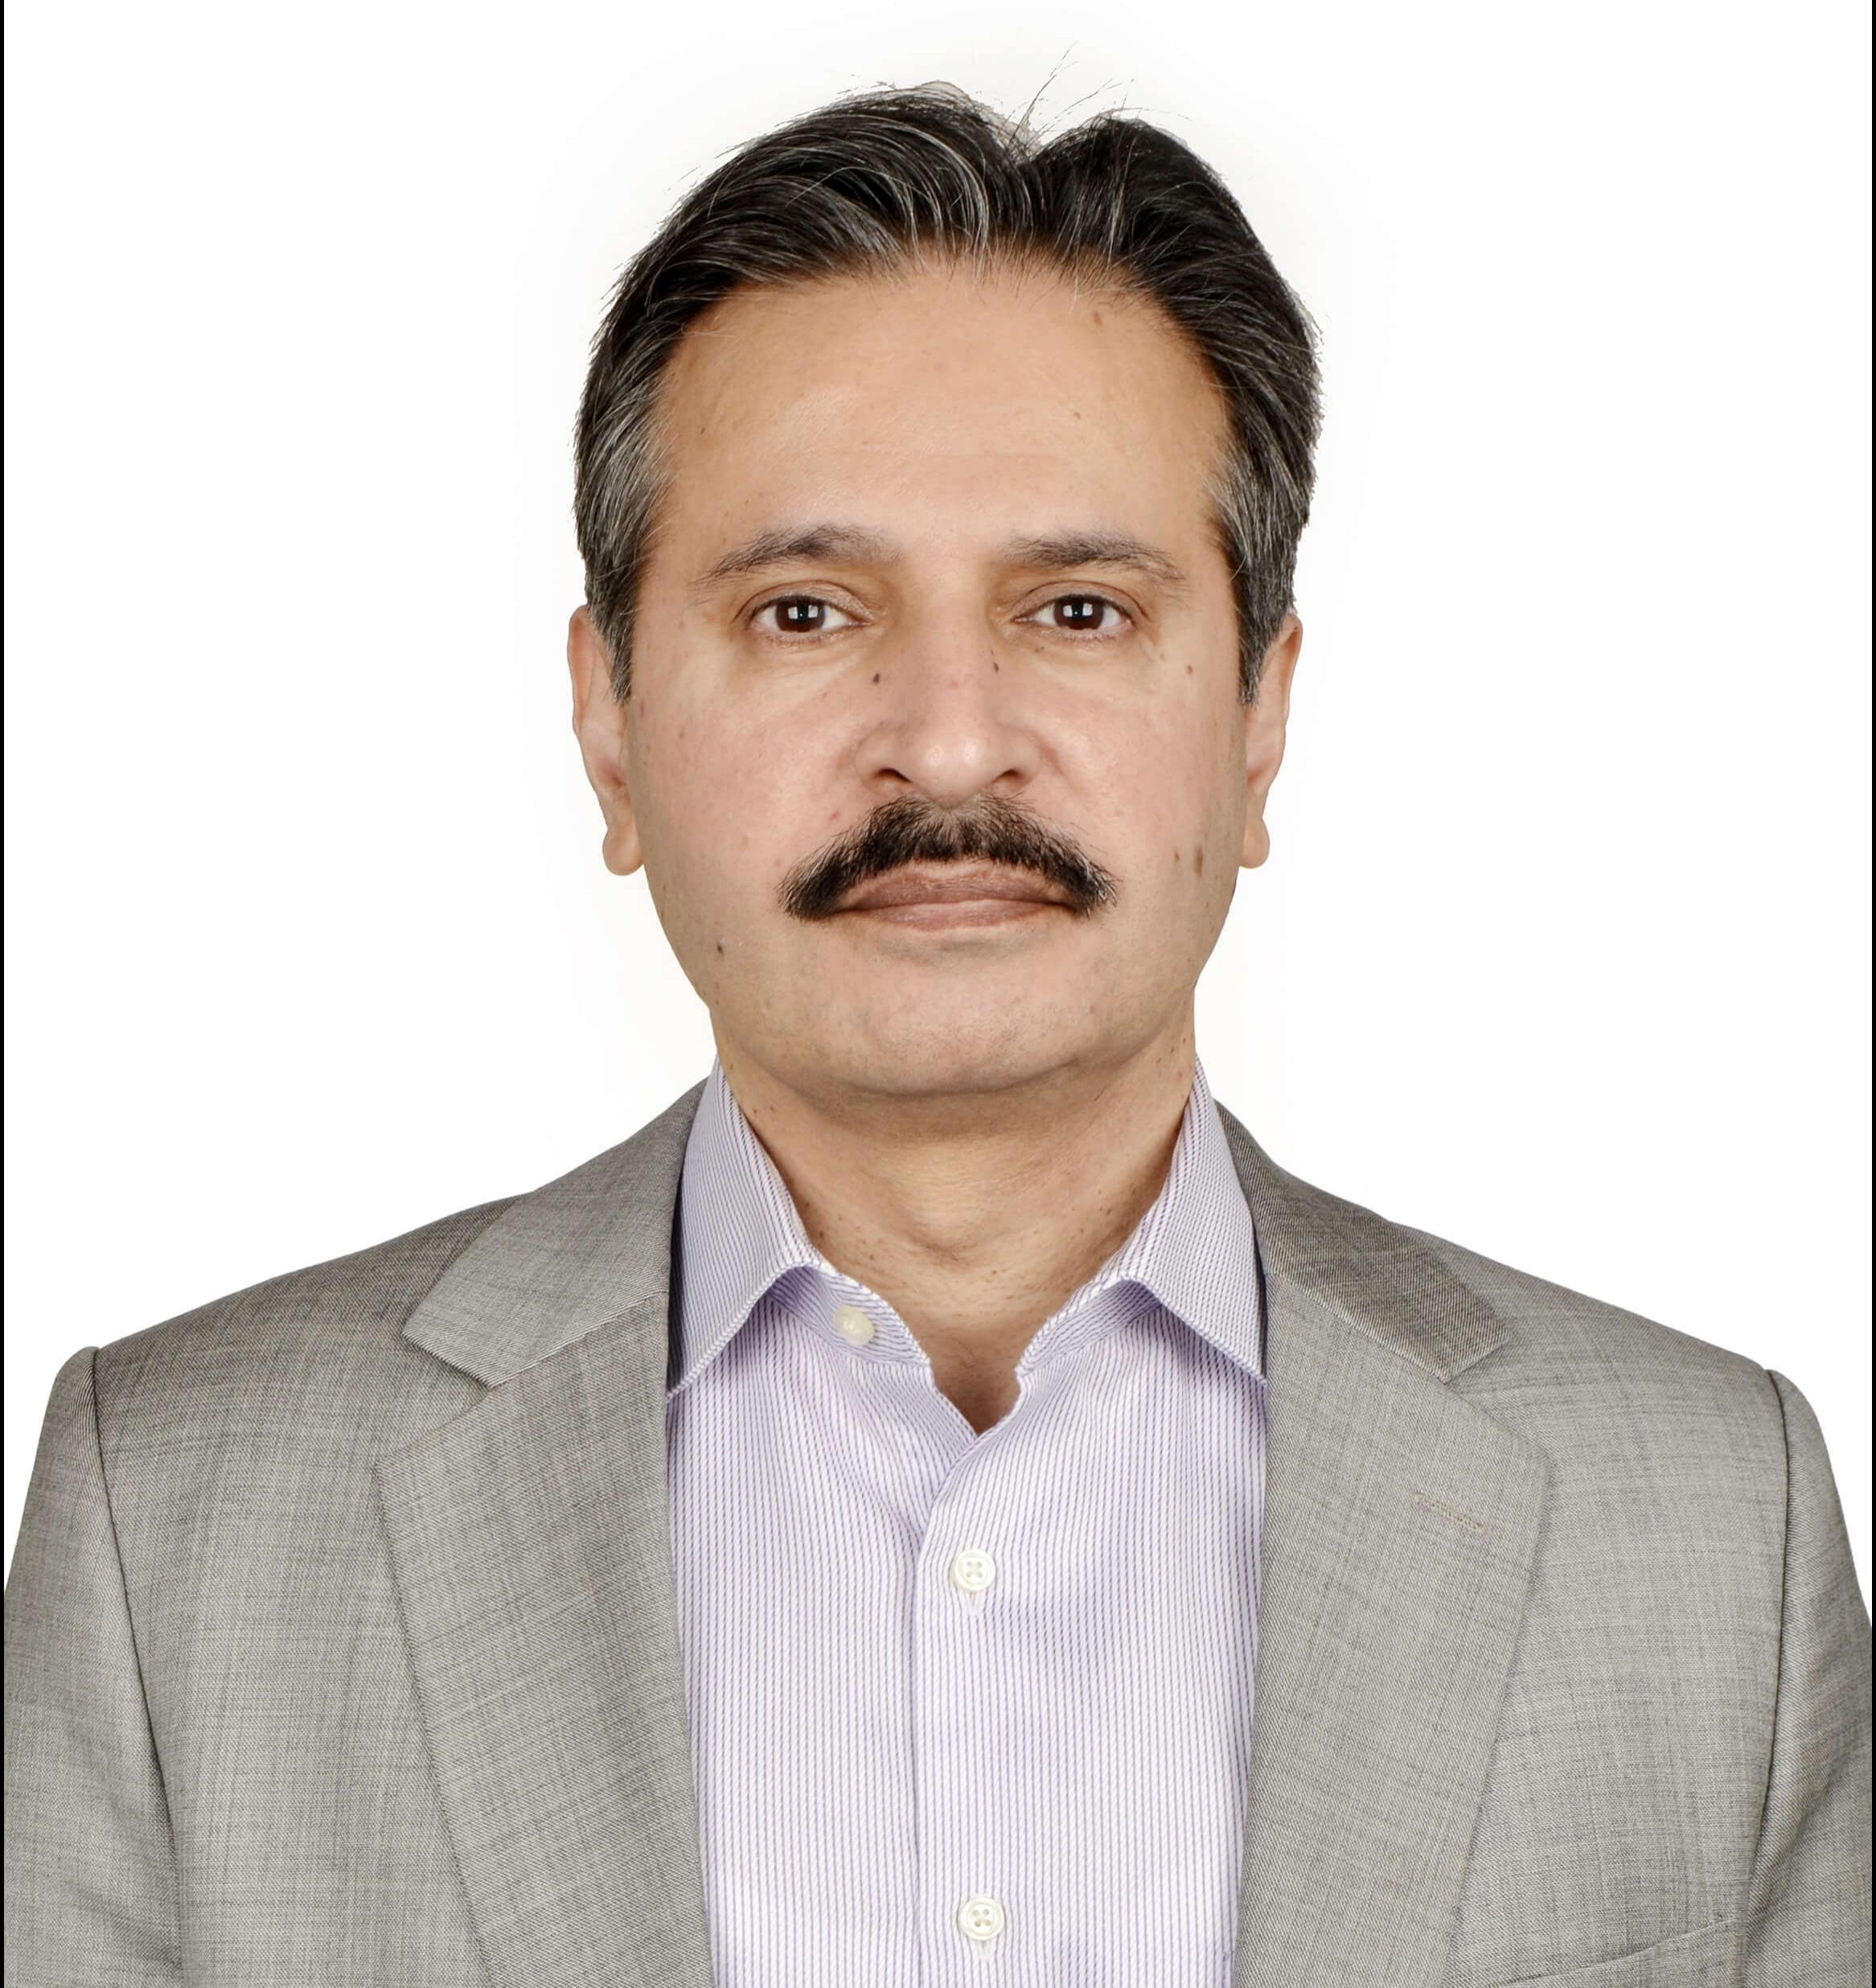 Rajesh Ajwani